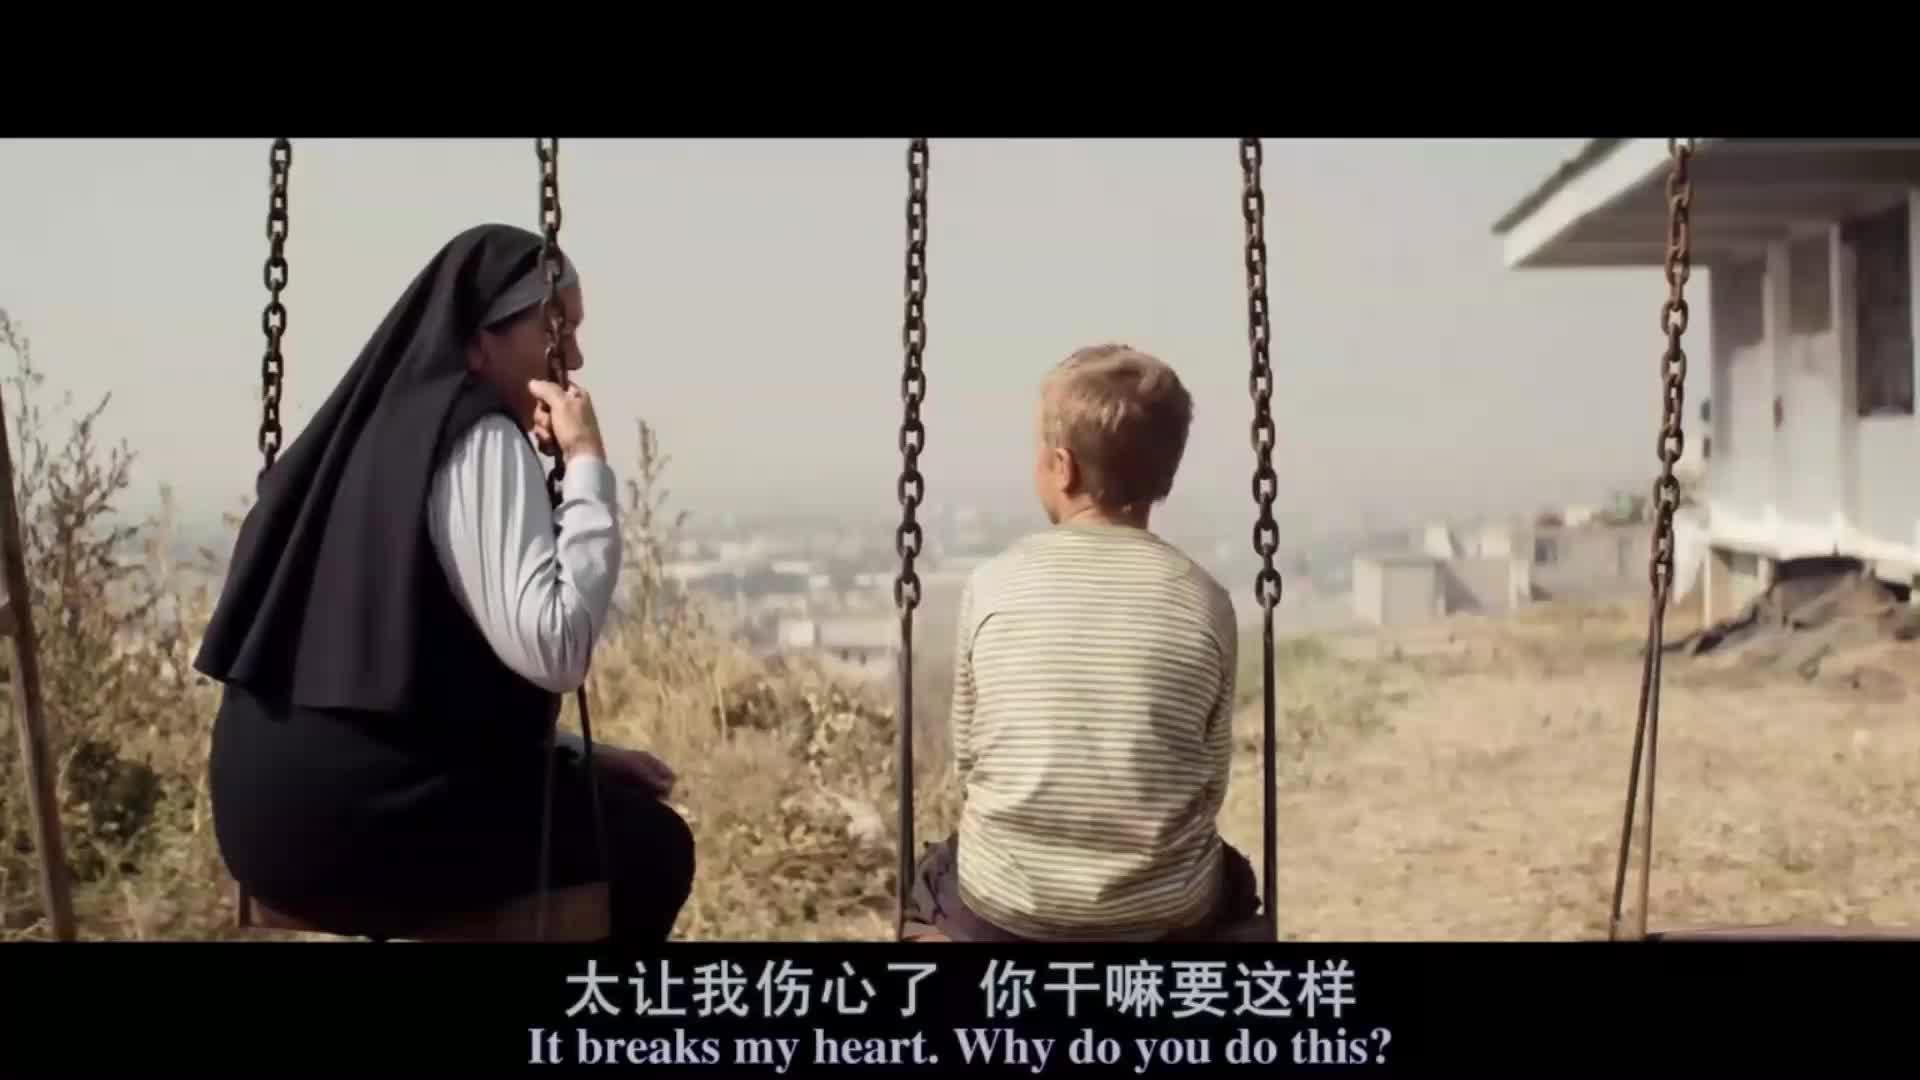 男孩偷东西被抓,老师给他上课,说他是一个做大事的人